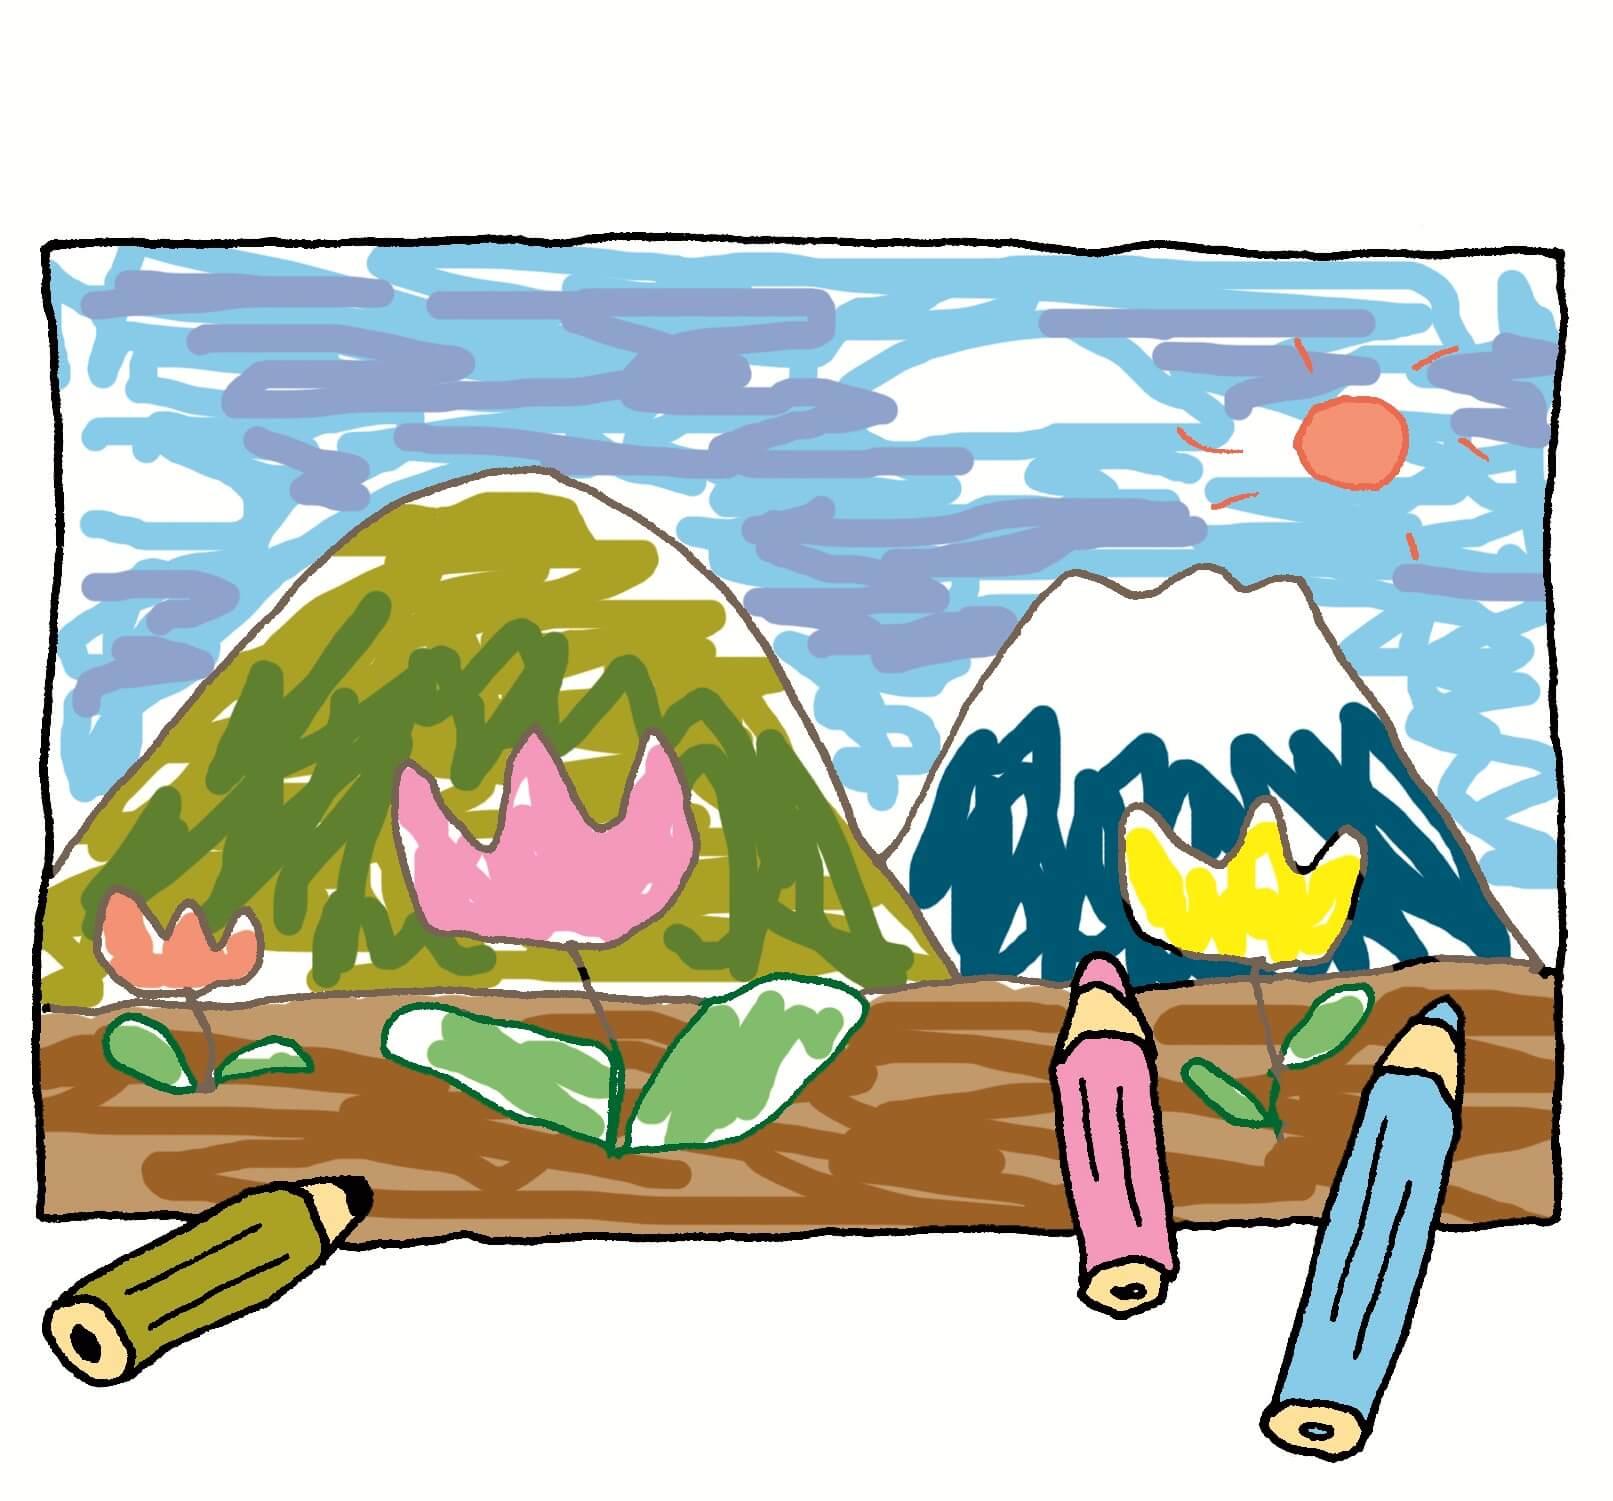 「ごっこ遊び」と、「絵を描く」のと、どっちが好き?_012_02